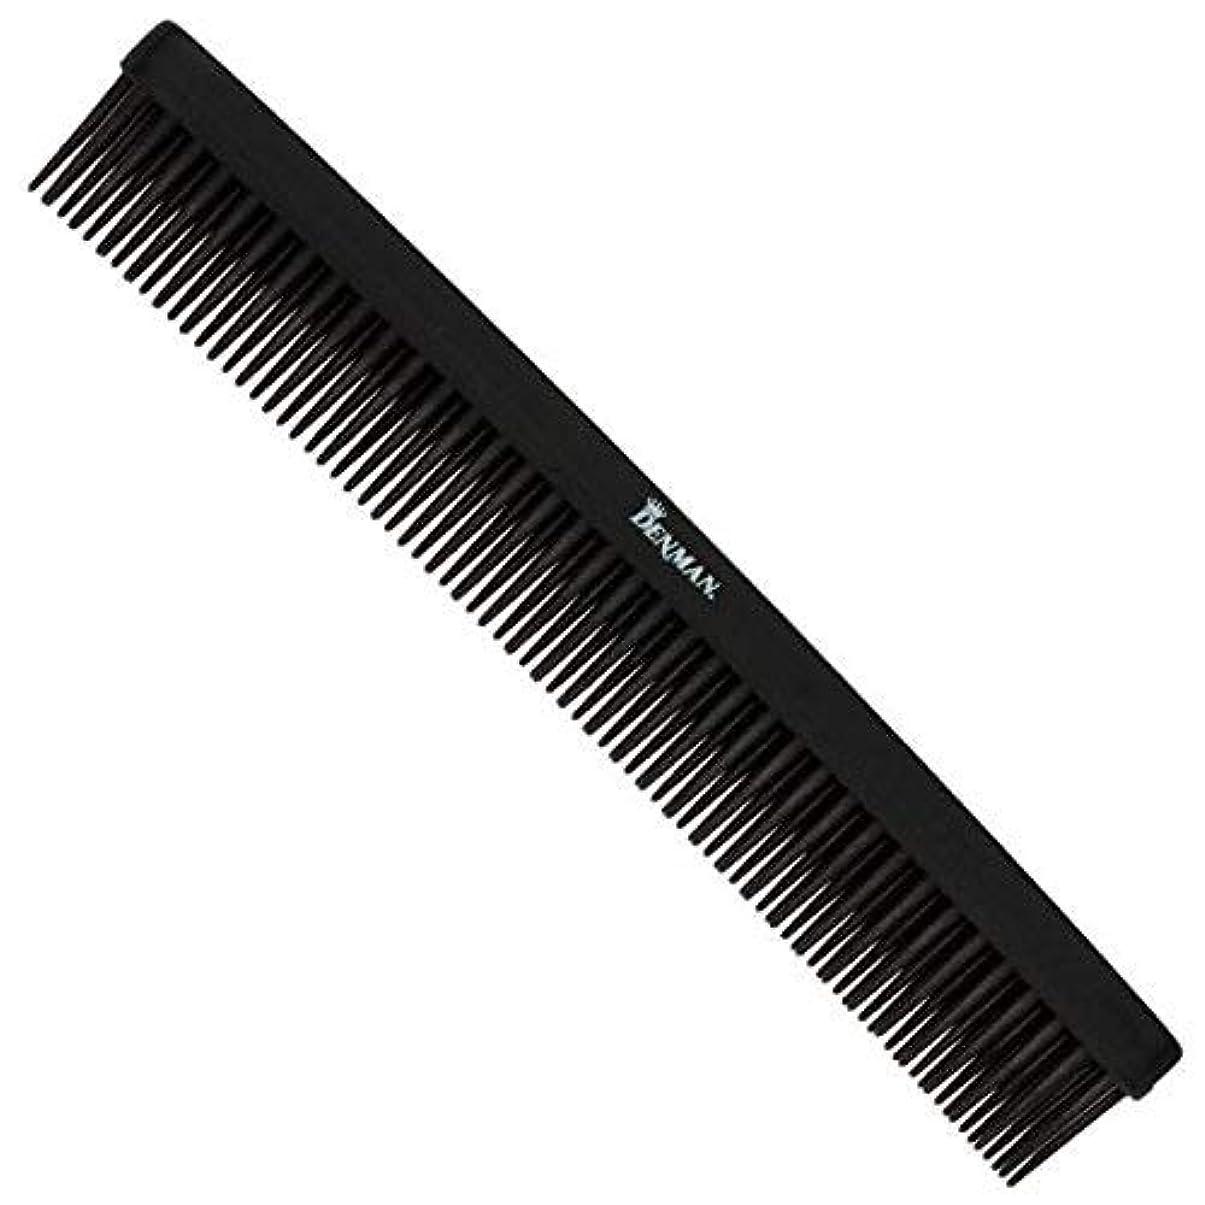 反射宣言持続的Denman Professional Three Row Mousse, d12 BLACK [並行輸入品]